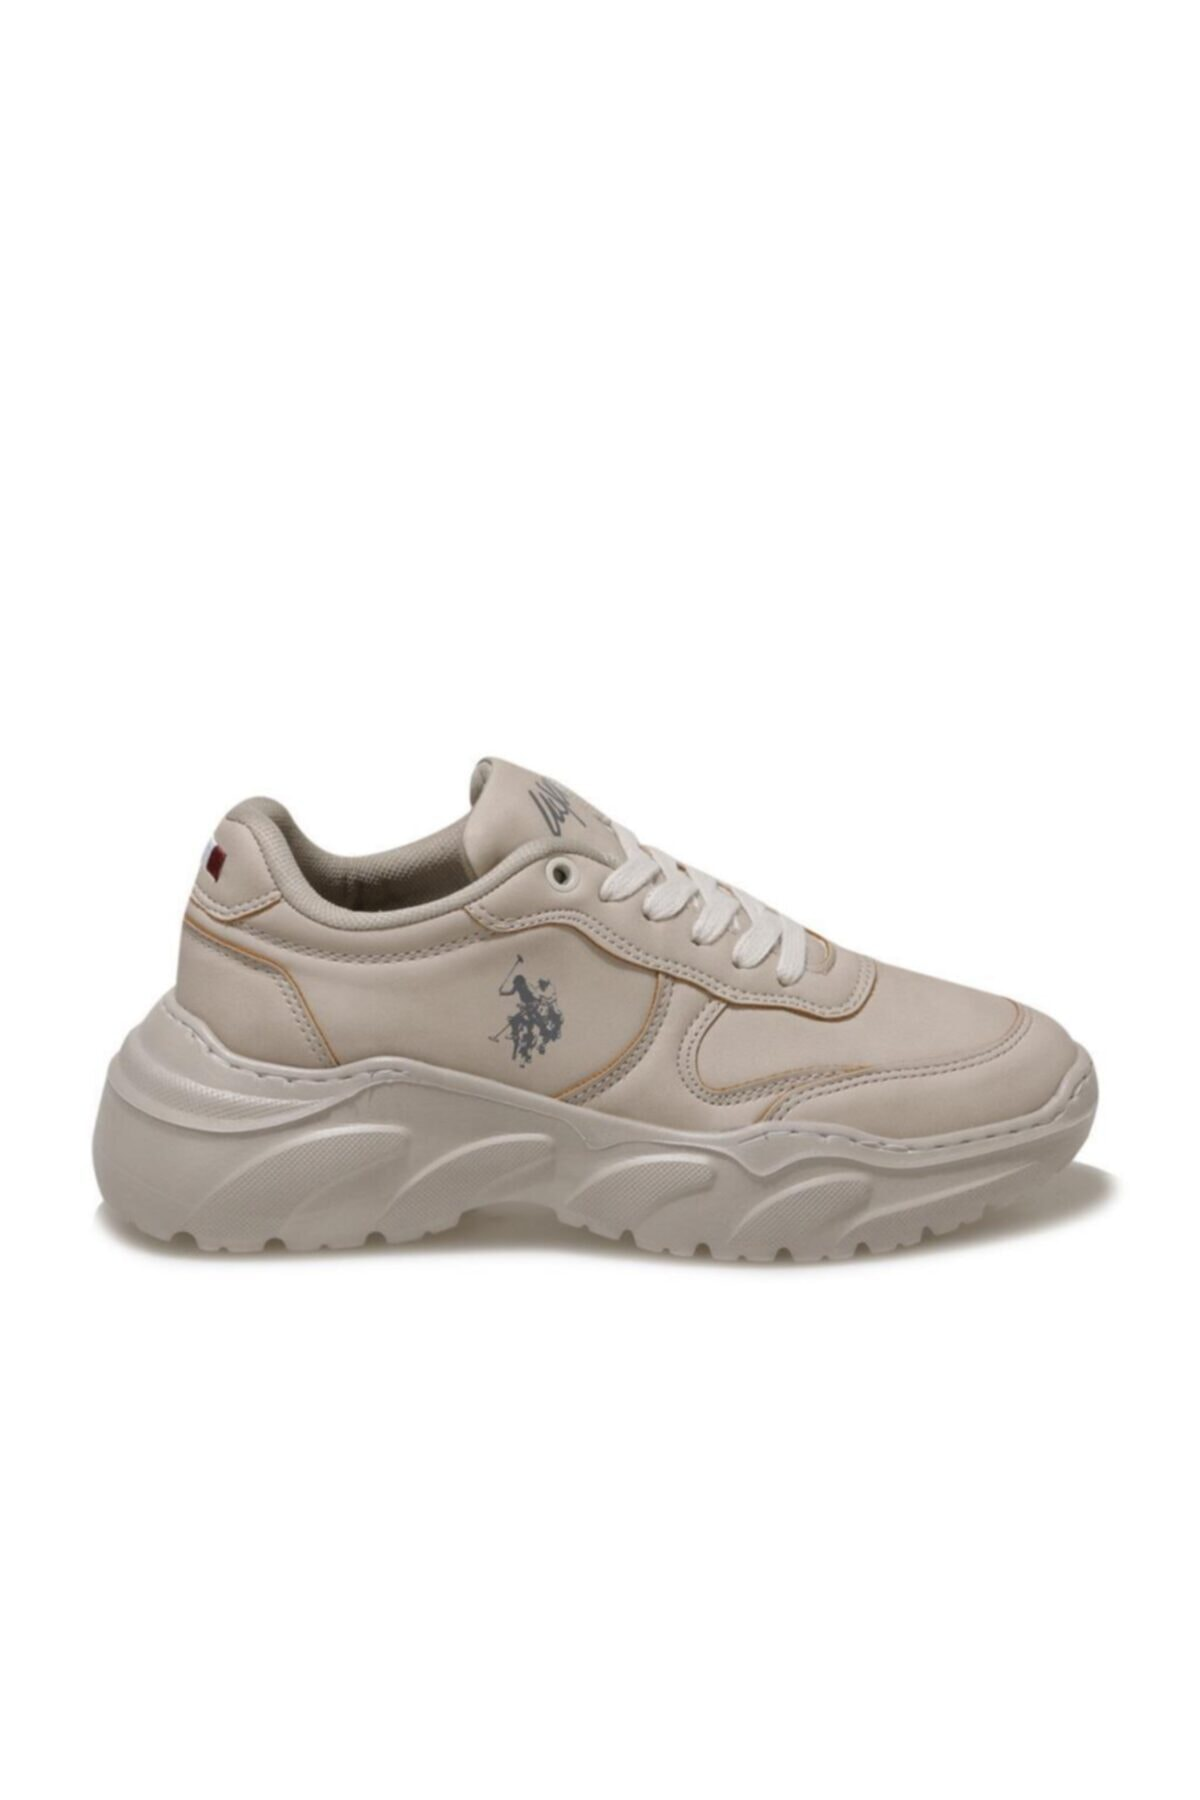 Kadın Bej Lovely Comfort Casual Snekars Ayakkabı